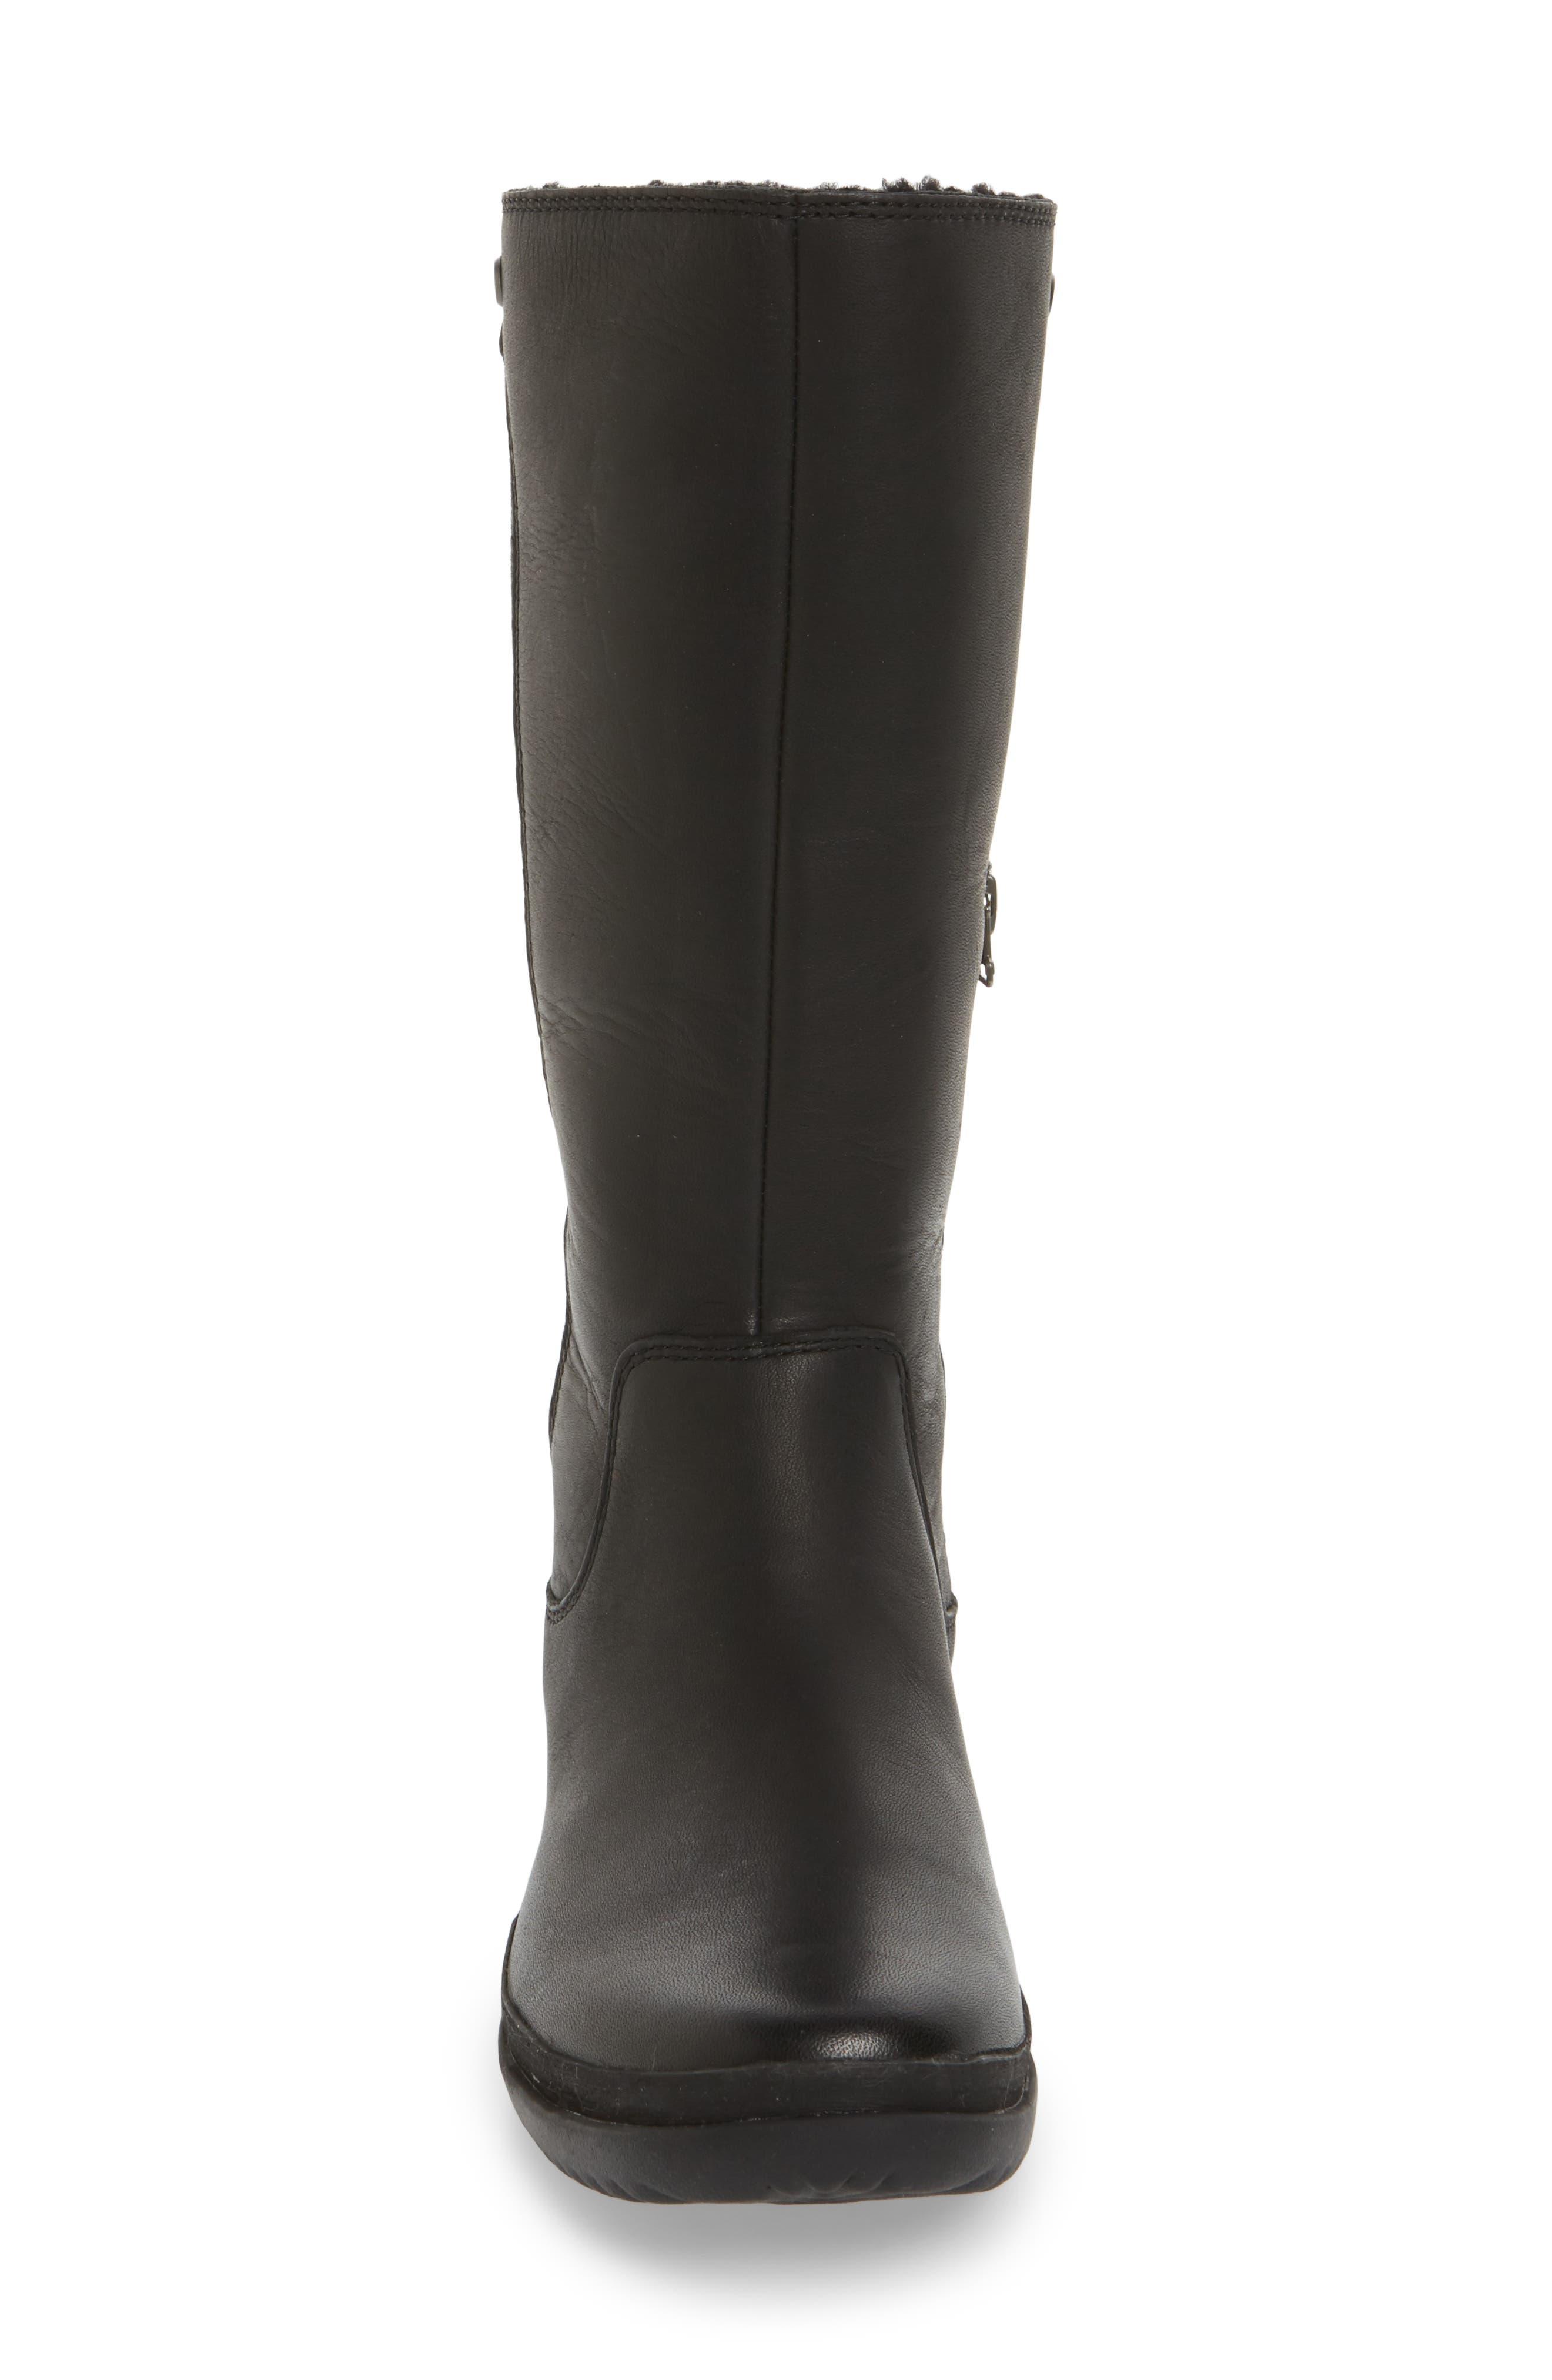 Janina Rain Boot,                             Alternate thumbnail 4, color,                             Black Leather